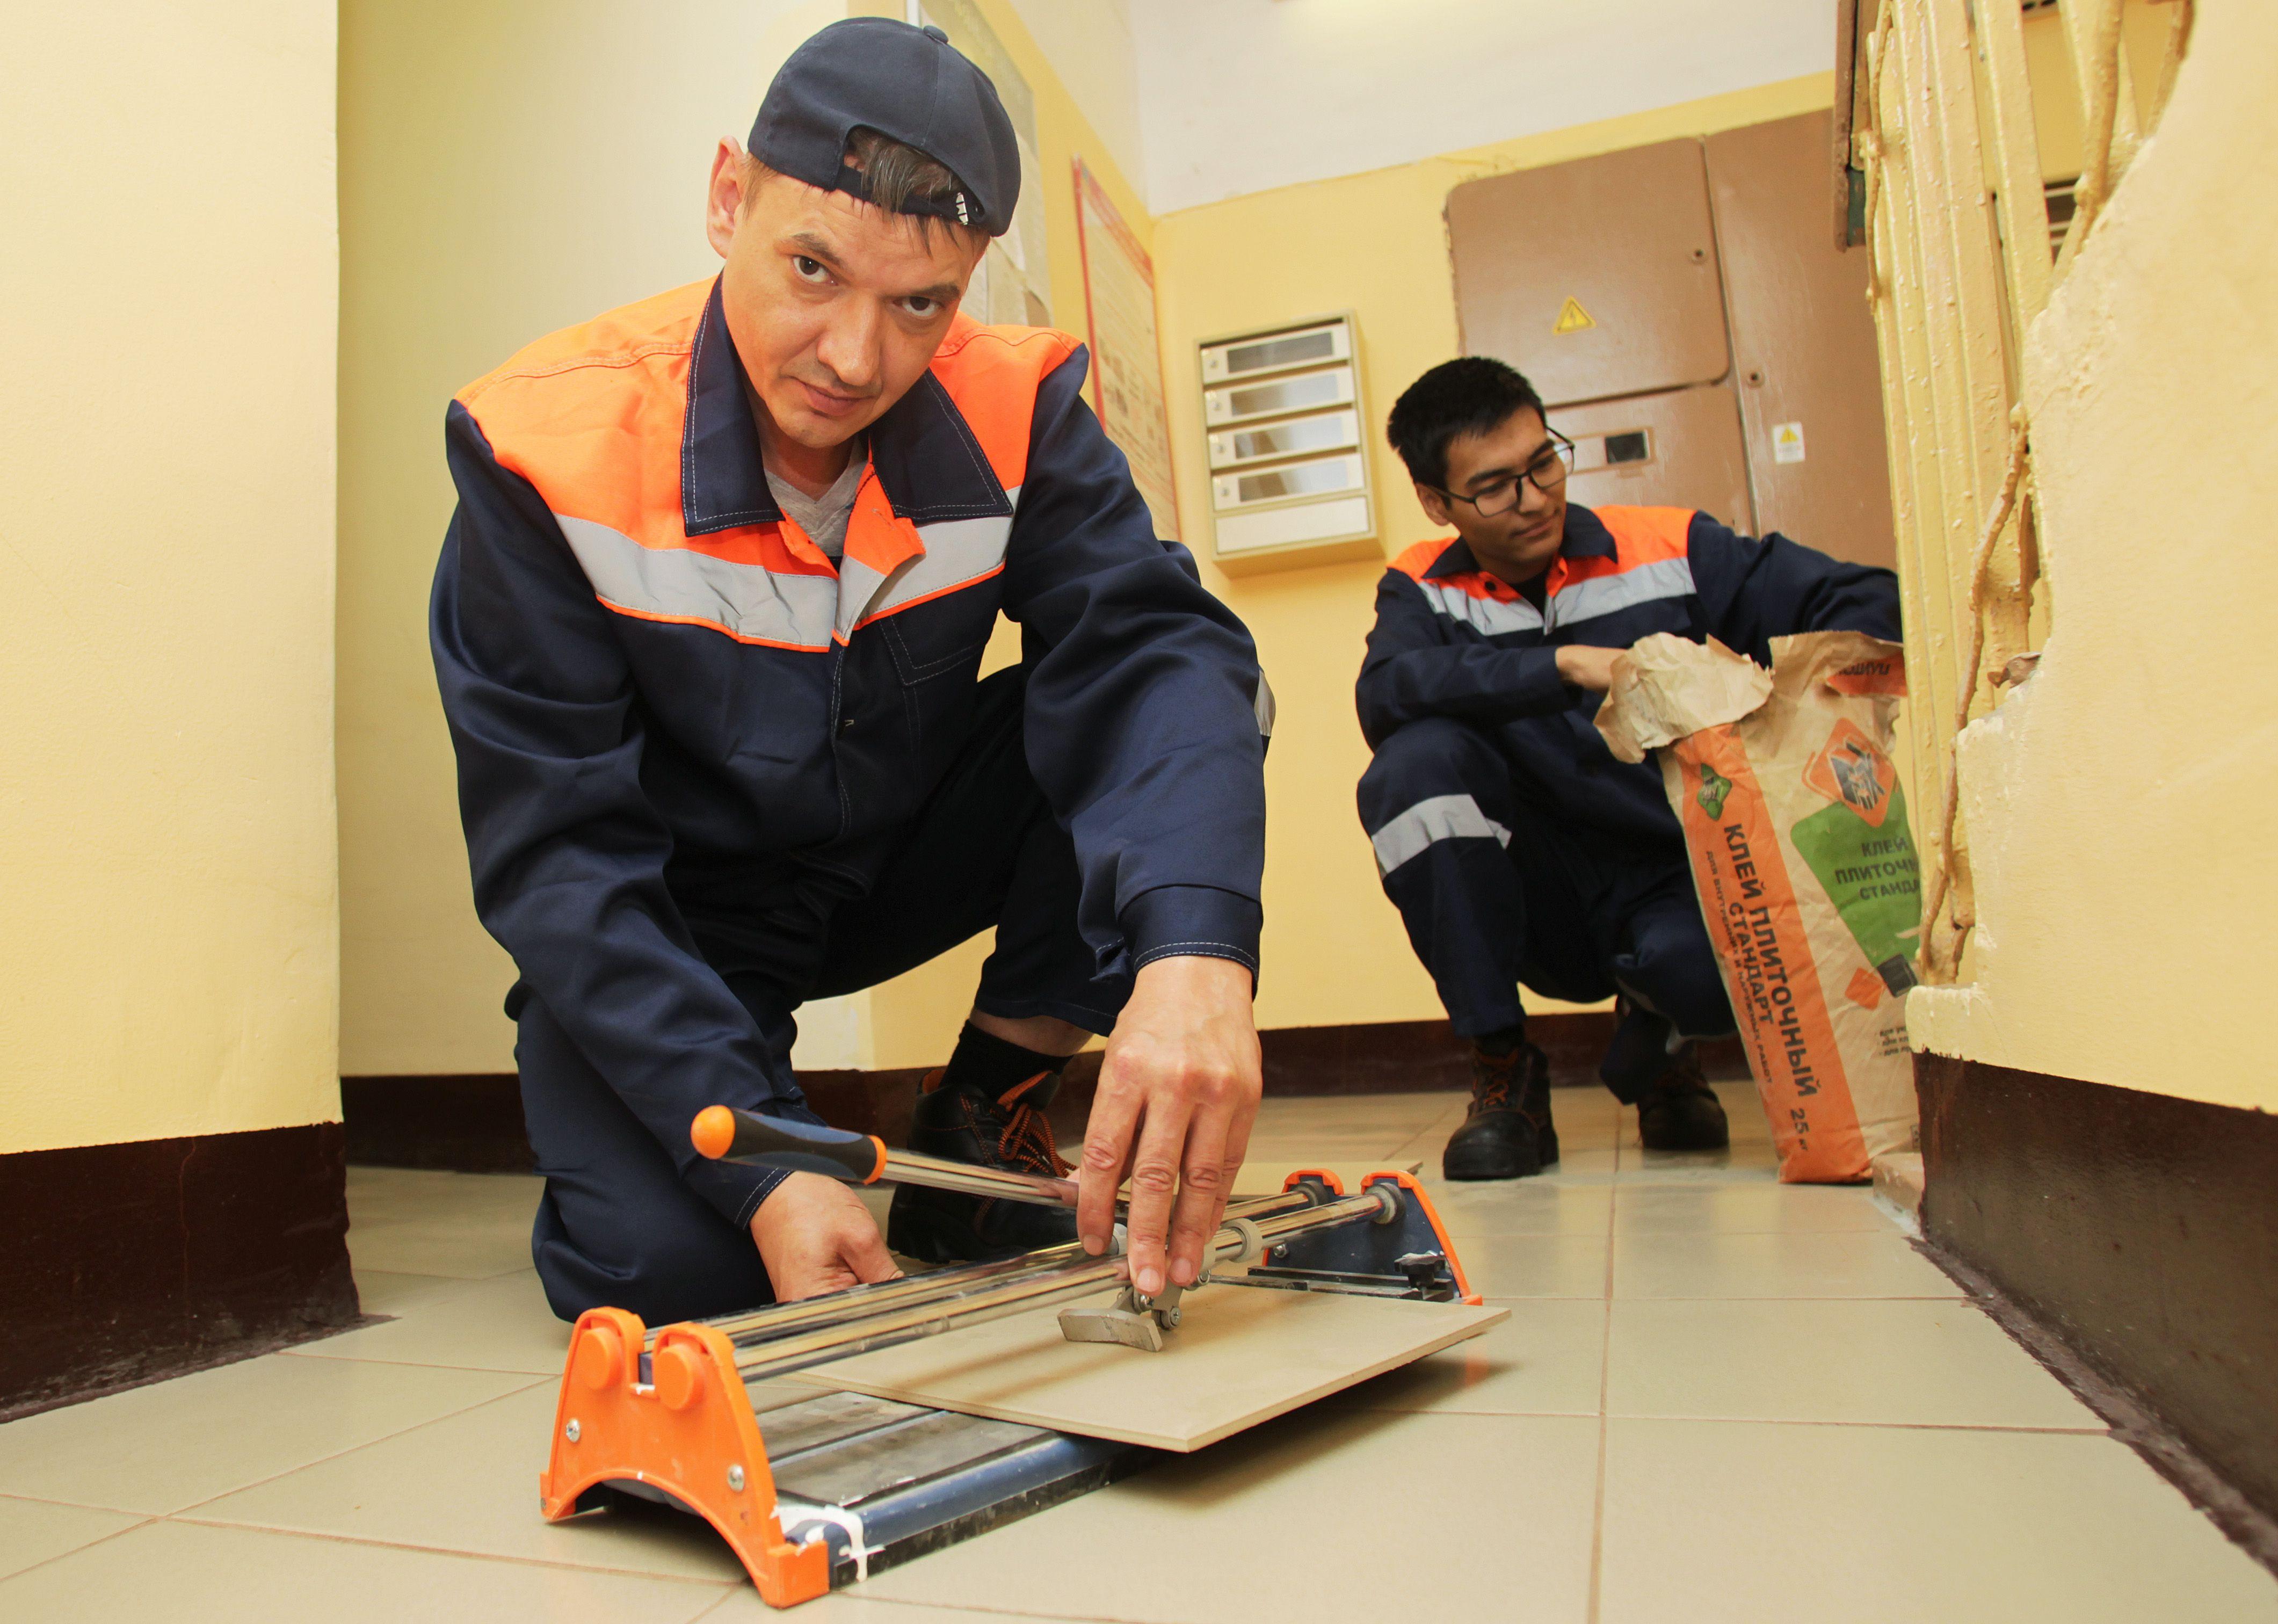 Подрядчики проведут ремонт в школе городского округа Троицк. Фото: Наталия Нечаева, «Вечерняя Москва»